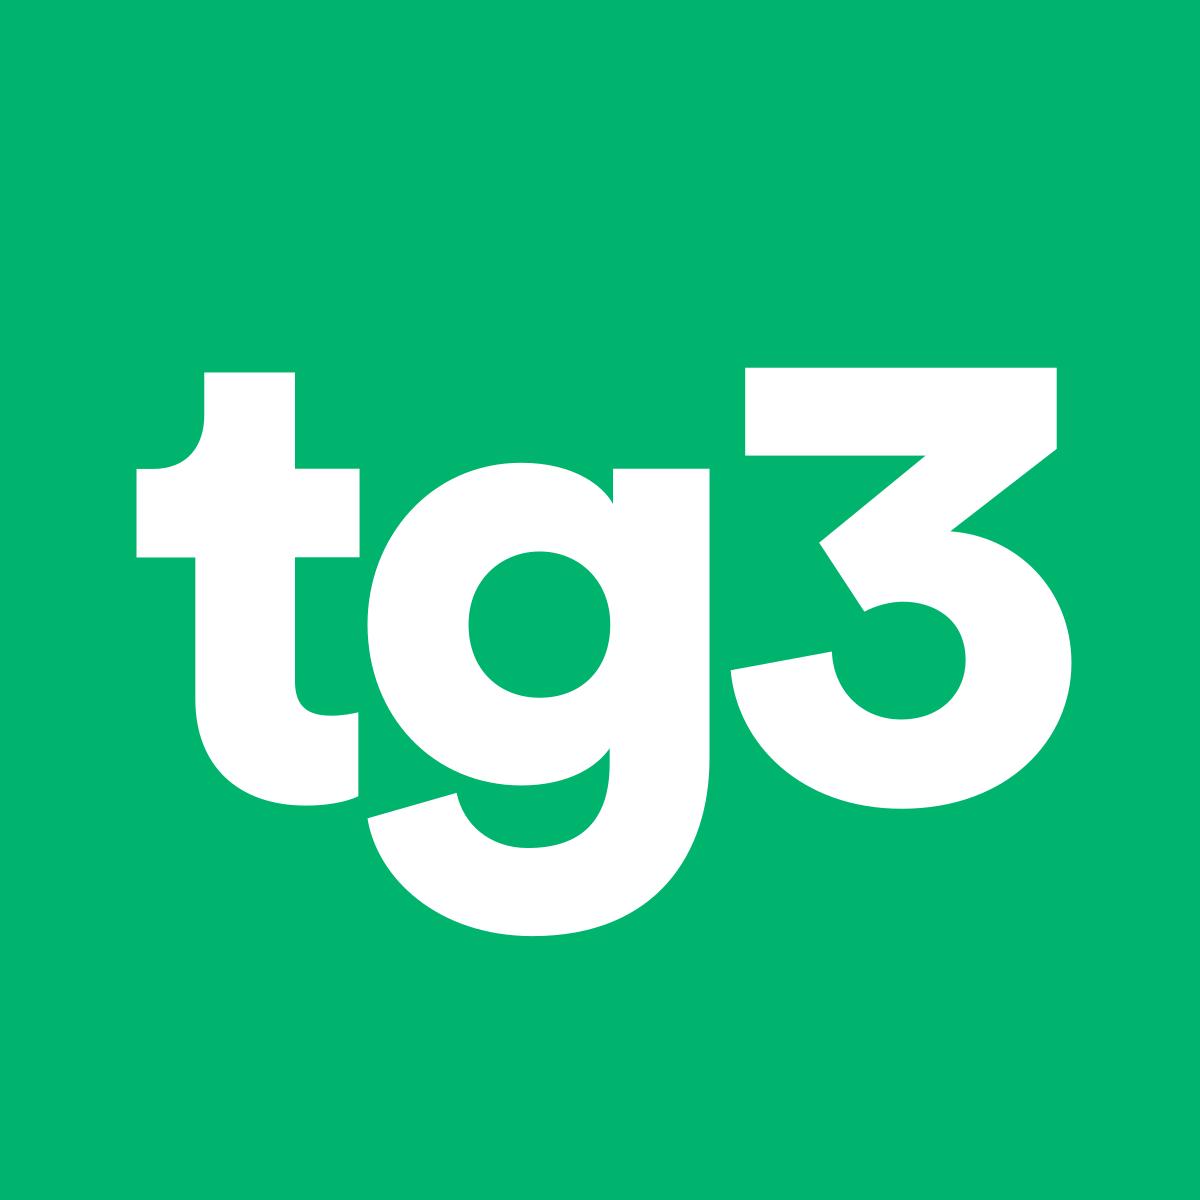 tg3 logo